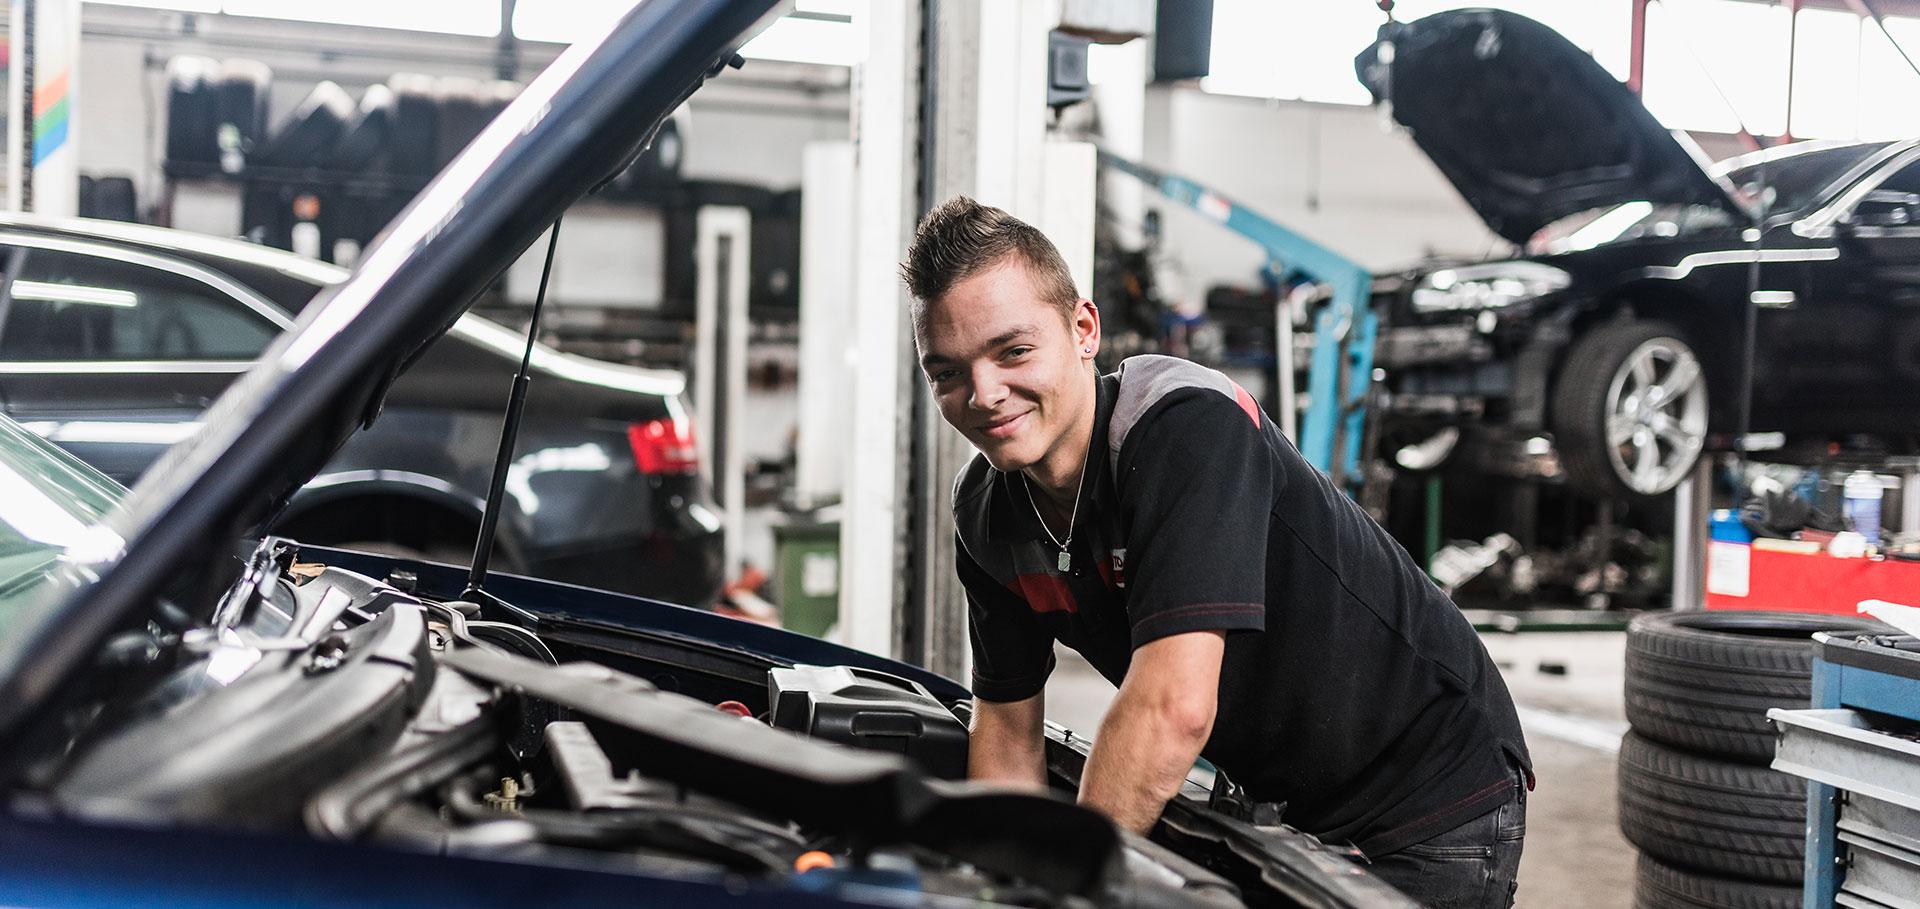 Werkplaats Autobedrijf Bert de Vries